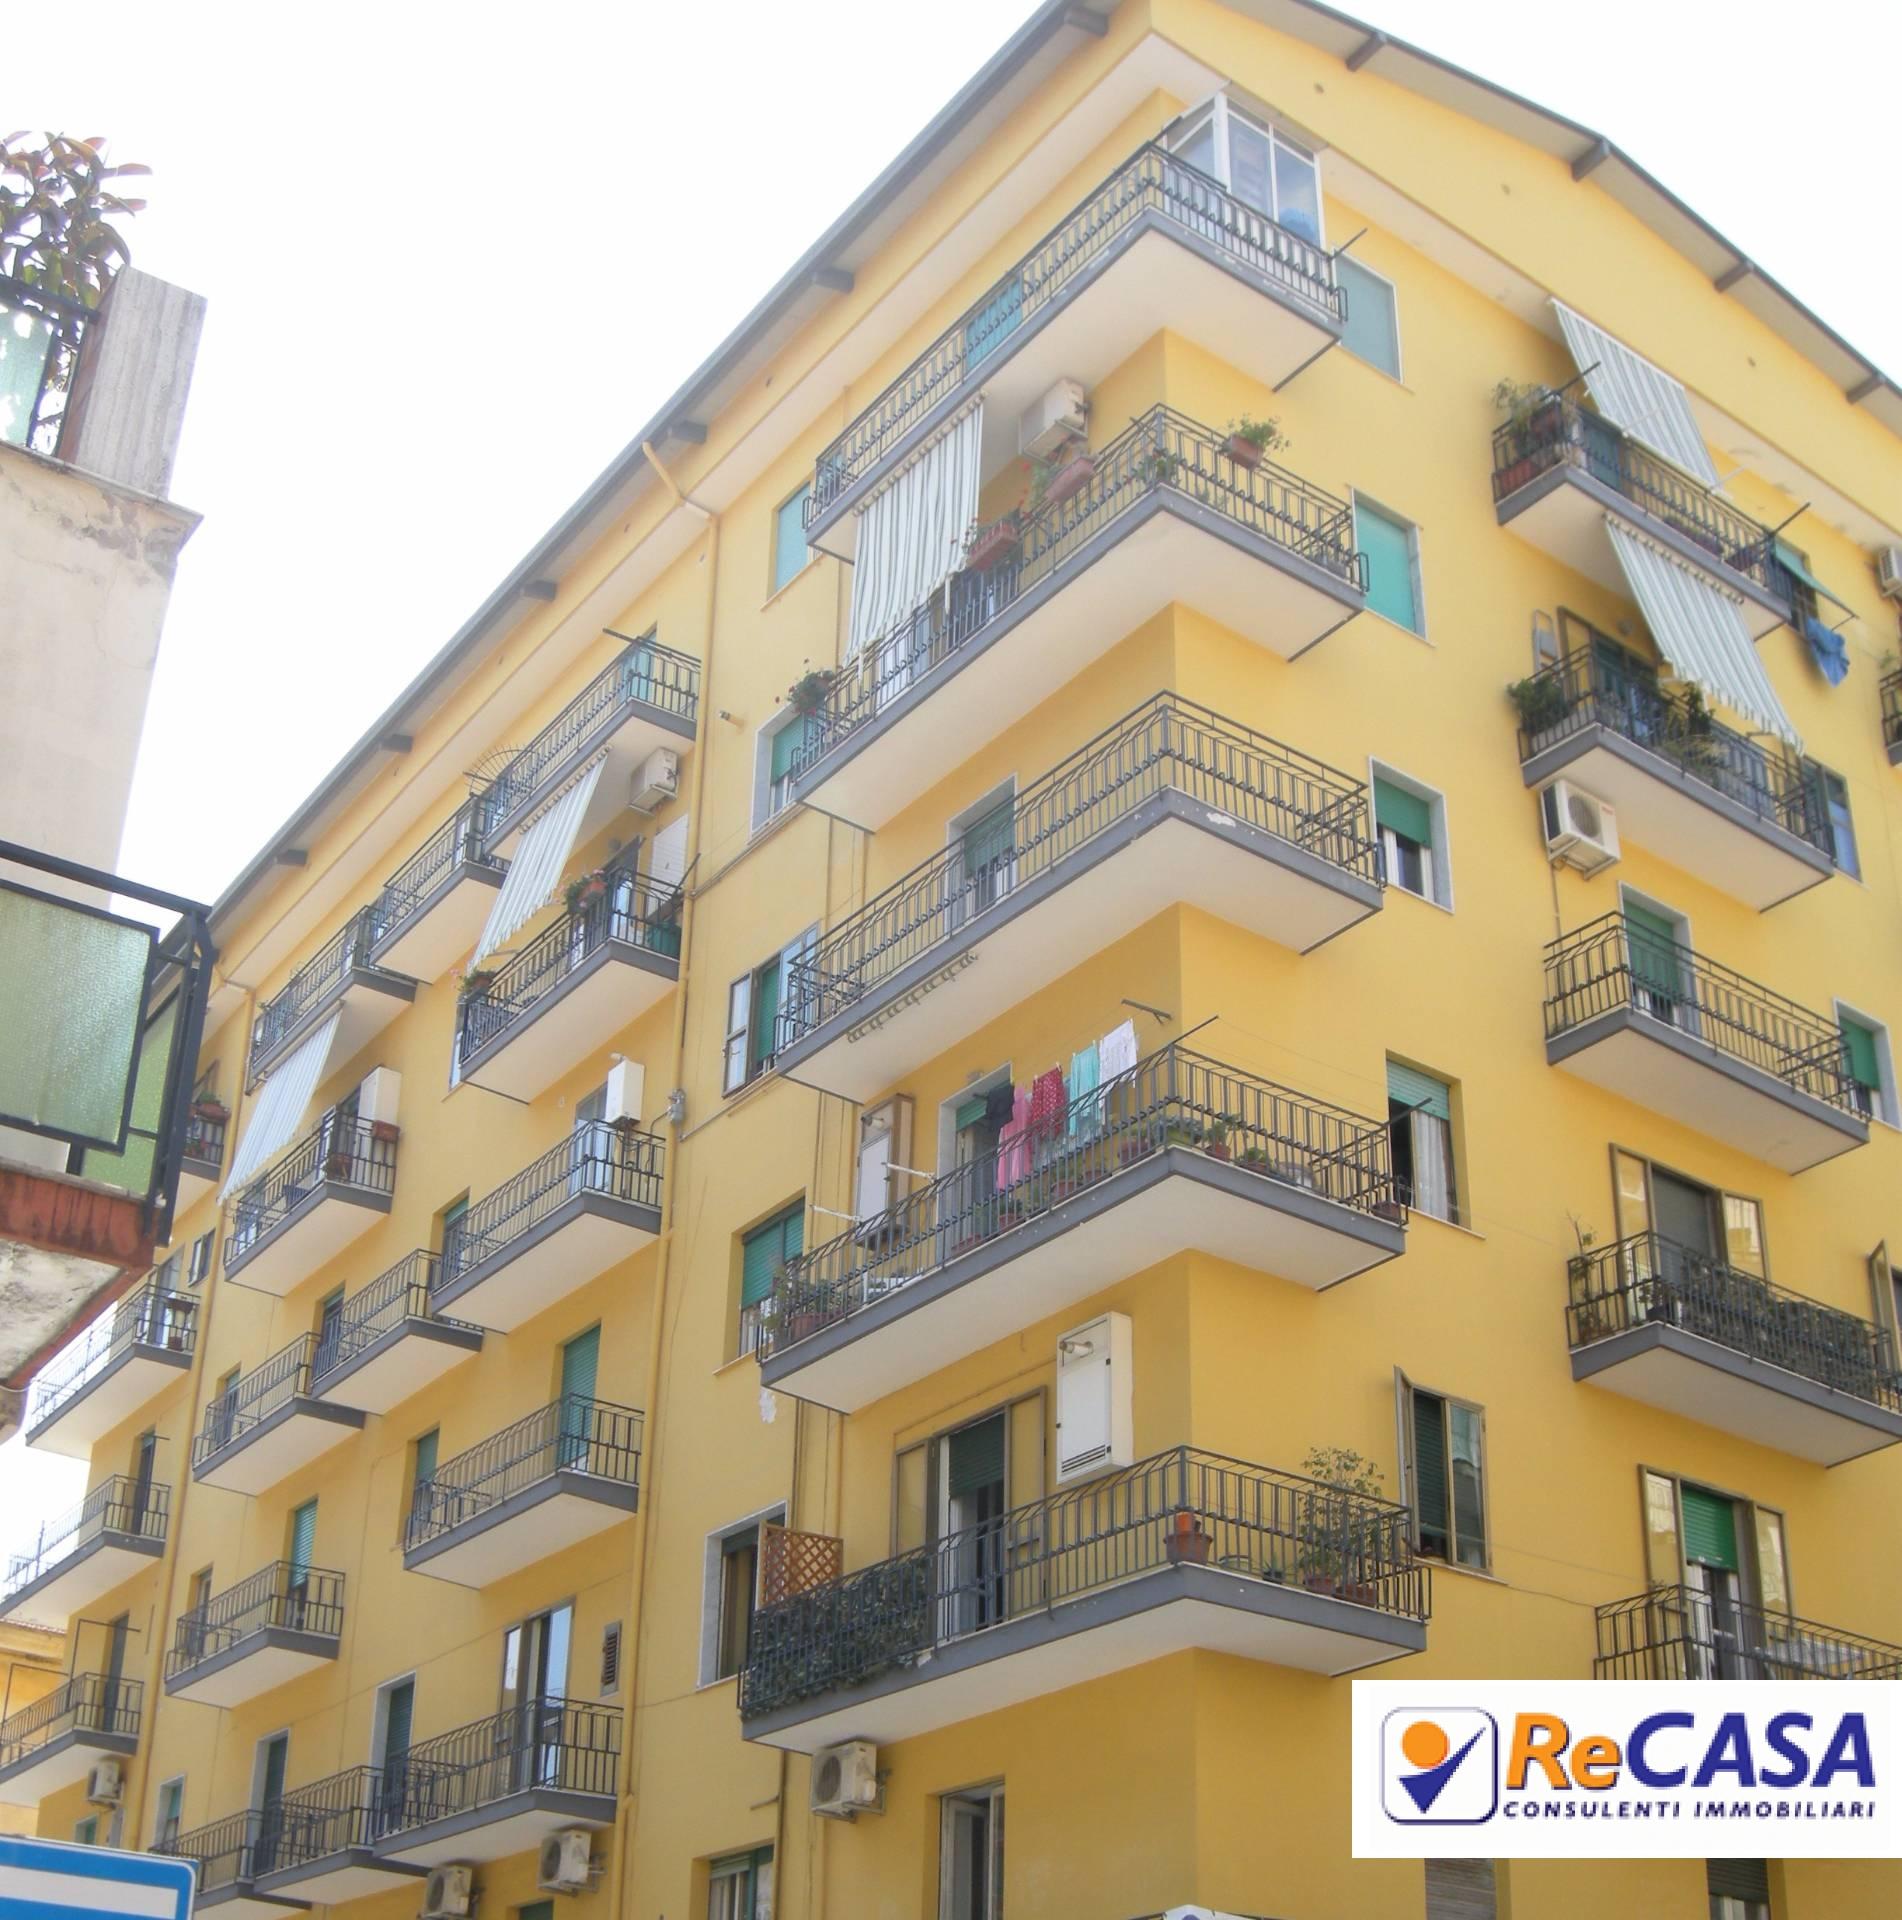 Appartamento in vendita a Battipaglia, 2 locali, zona Località: centro, prezzo € 99.000 | Cambio Casa.it